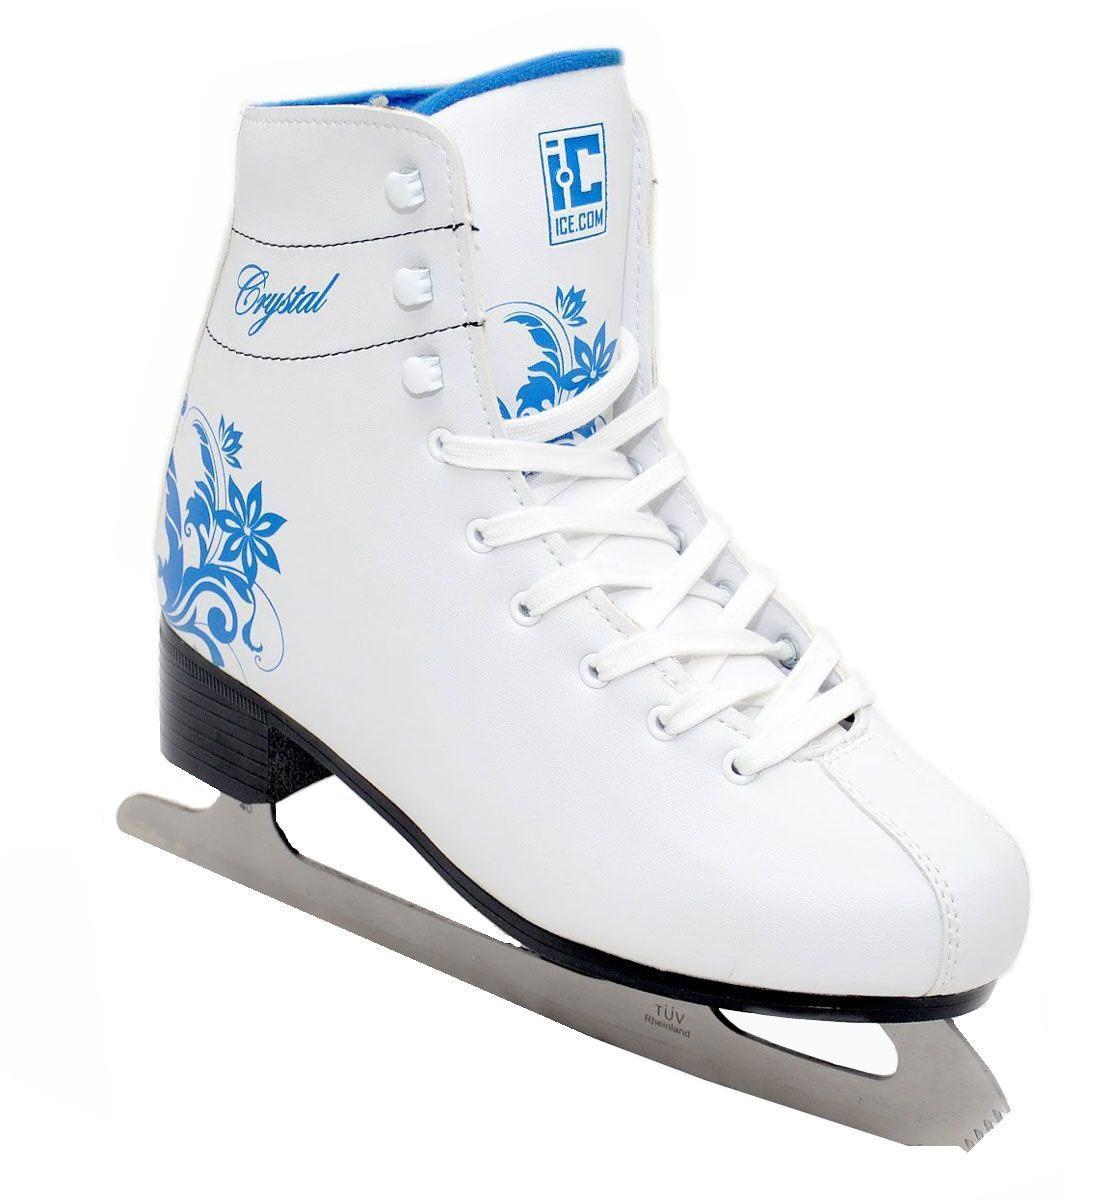 Коньки фигурные детские Ice.Com Crystal 2014-2015, цвет: синий, белый. Размер 33MartinaВысокий классический ботинок идеально подойдет для начинающих. Конструкция ботинка разработана специально с учетом того что нога при катании должна находиться в полусогнутом состоянии и голень имеет небольшой наклон вперед. Верх ботинка выполнен из морозостойкой искусственной кожи, подошва - морозостойкий ПВХ. Стальное никелированное высокопрочное лезвие, сертифицировано TUV.Для того, чтобы Вам максимально точно подобрать размер коньков, узнайте длину стопы с точностью до миллиметра. Для этого поставьте босую ногу на лист бумаги А4 и отметьте на бумаге самые крайние точки Вашей стопы (пятка и носок). Затем измерьте обычной линейкой расстояние (до миллиметра) между этими отметками на бумаге. Не забудьте учесть 2-3 мм запаса под носок.